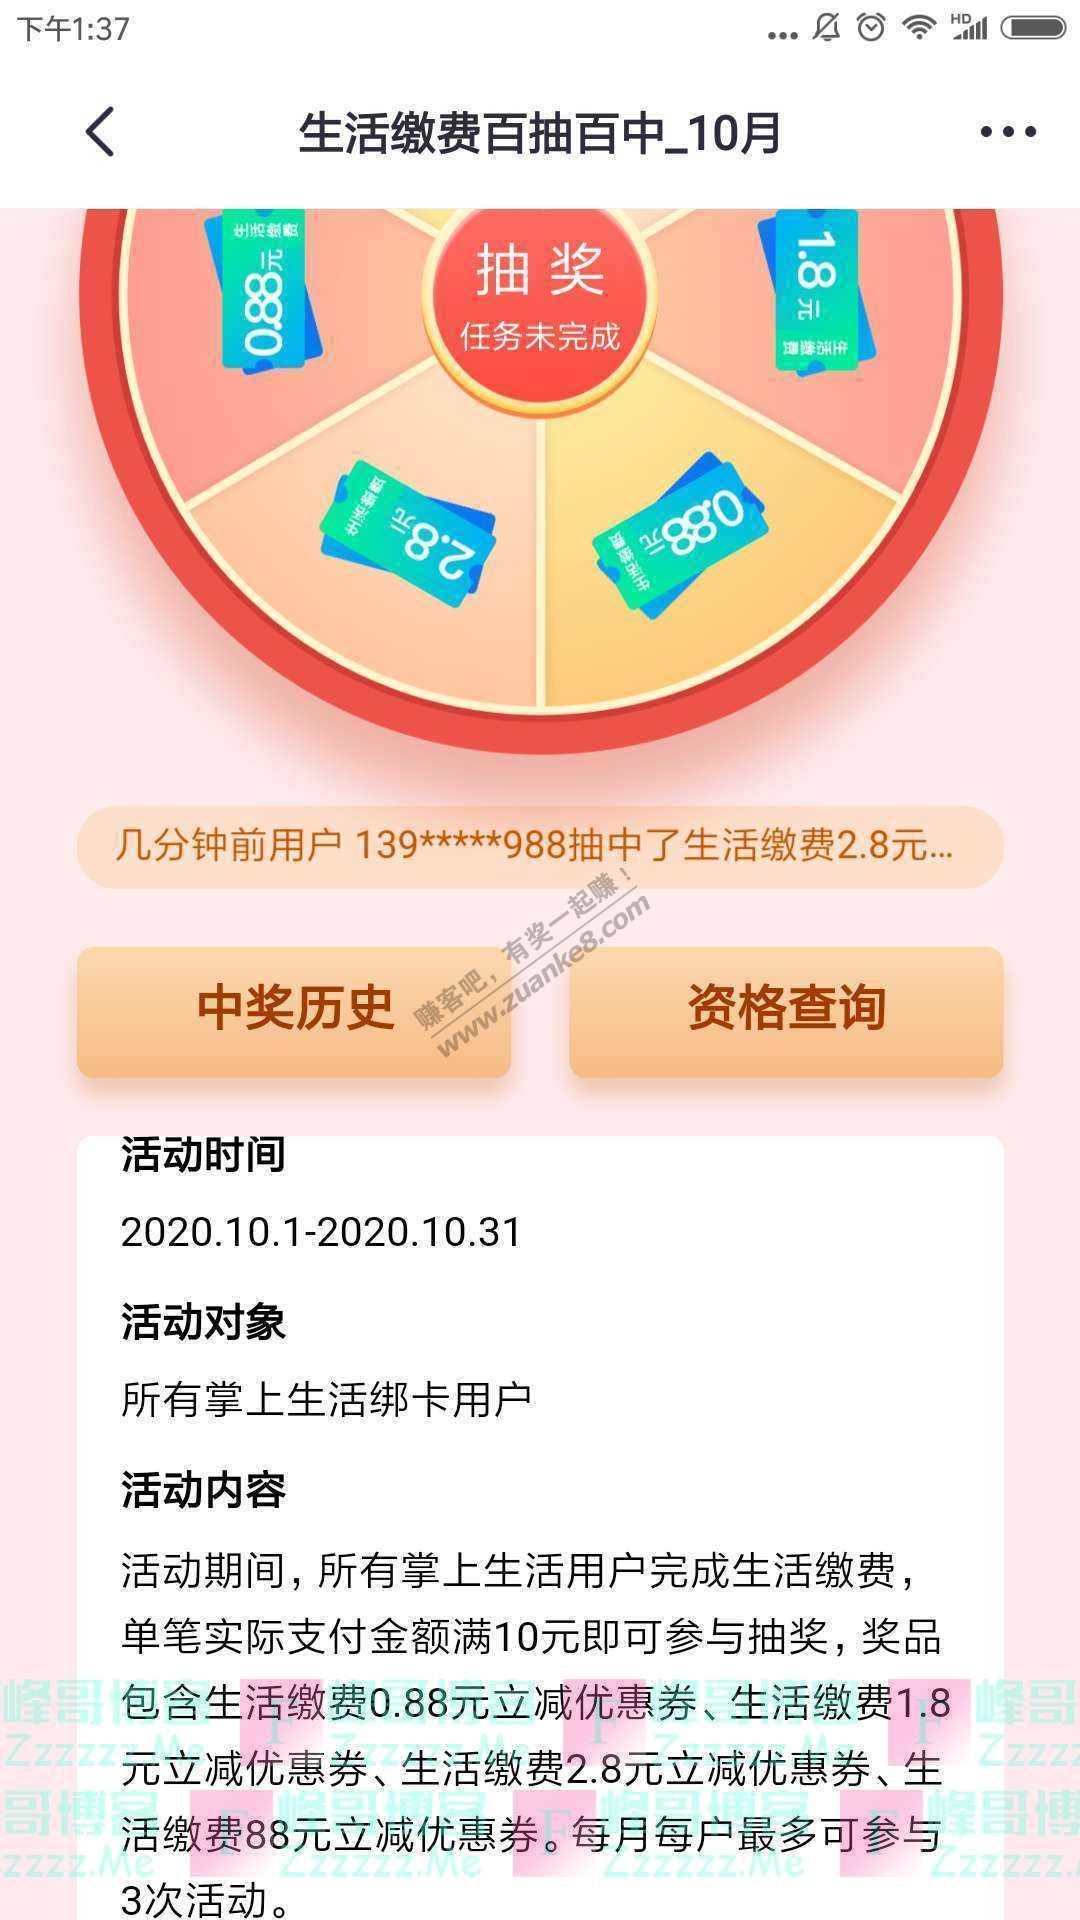 掌上生活app马上缴费抽88元缴费金(截止10月31日)